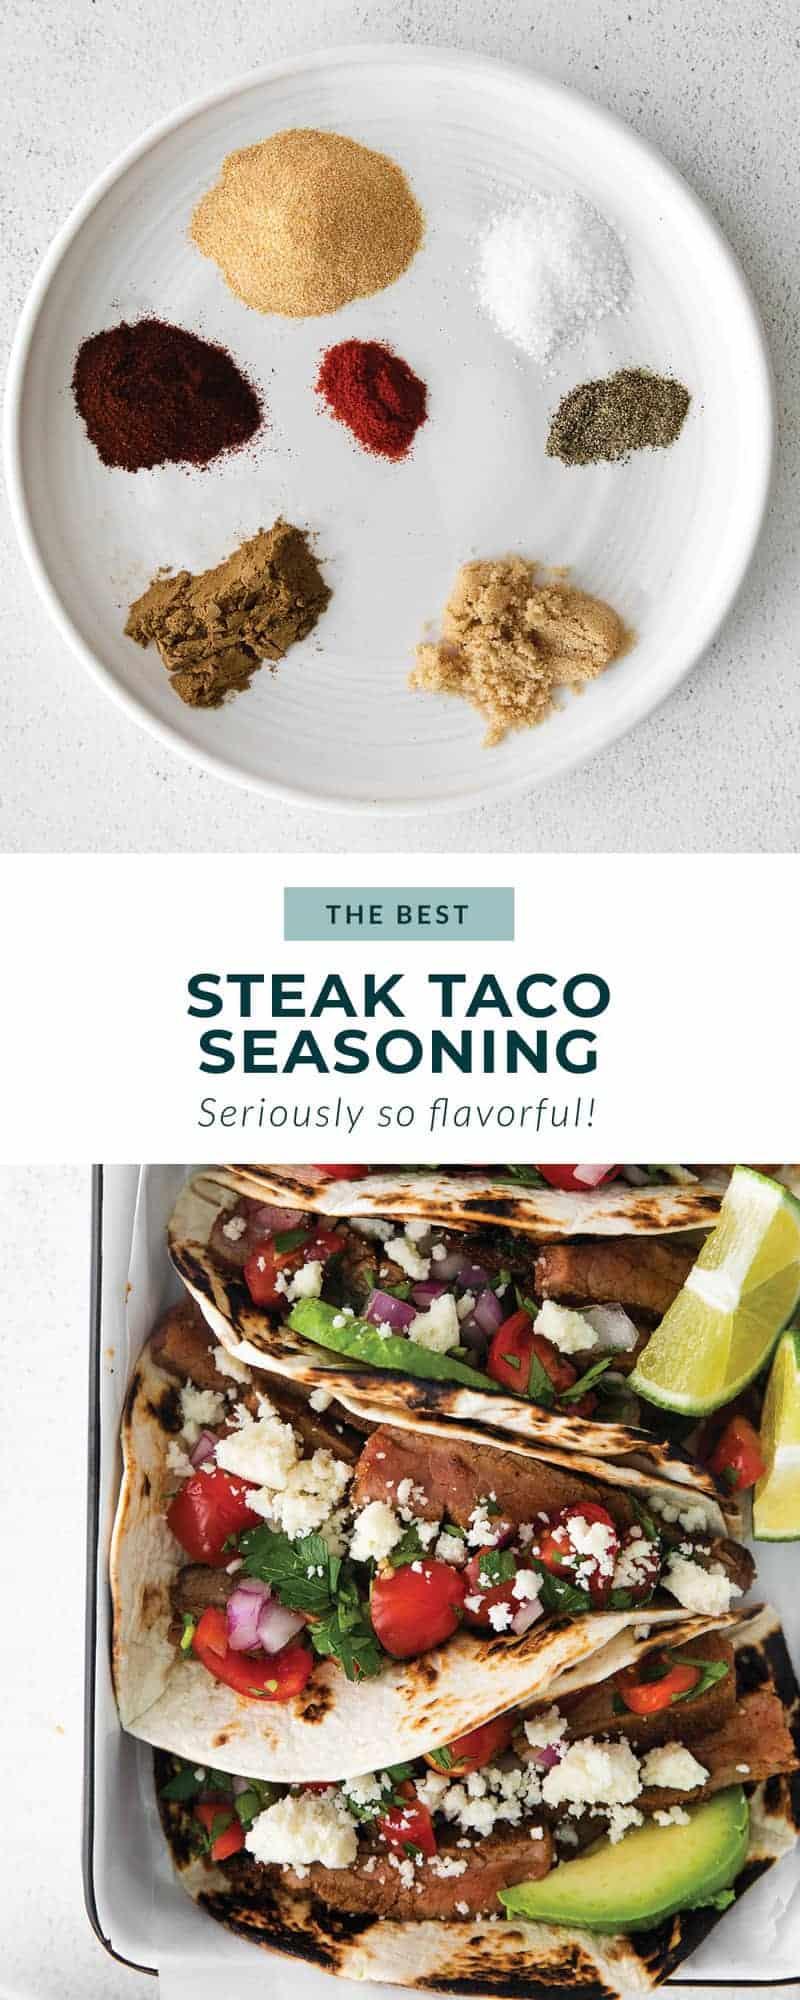 steak taco seasoning